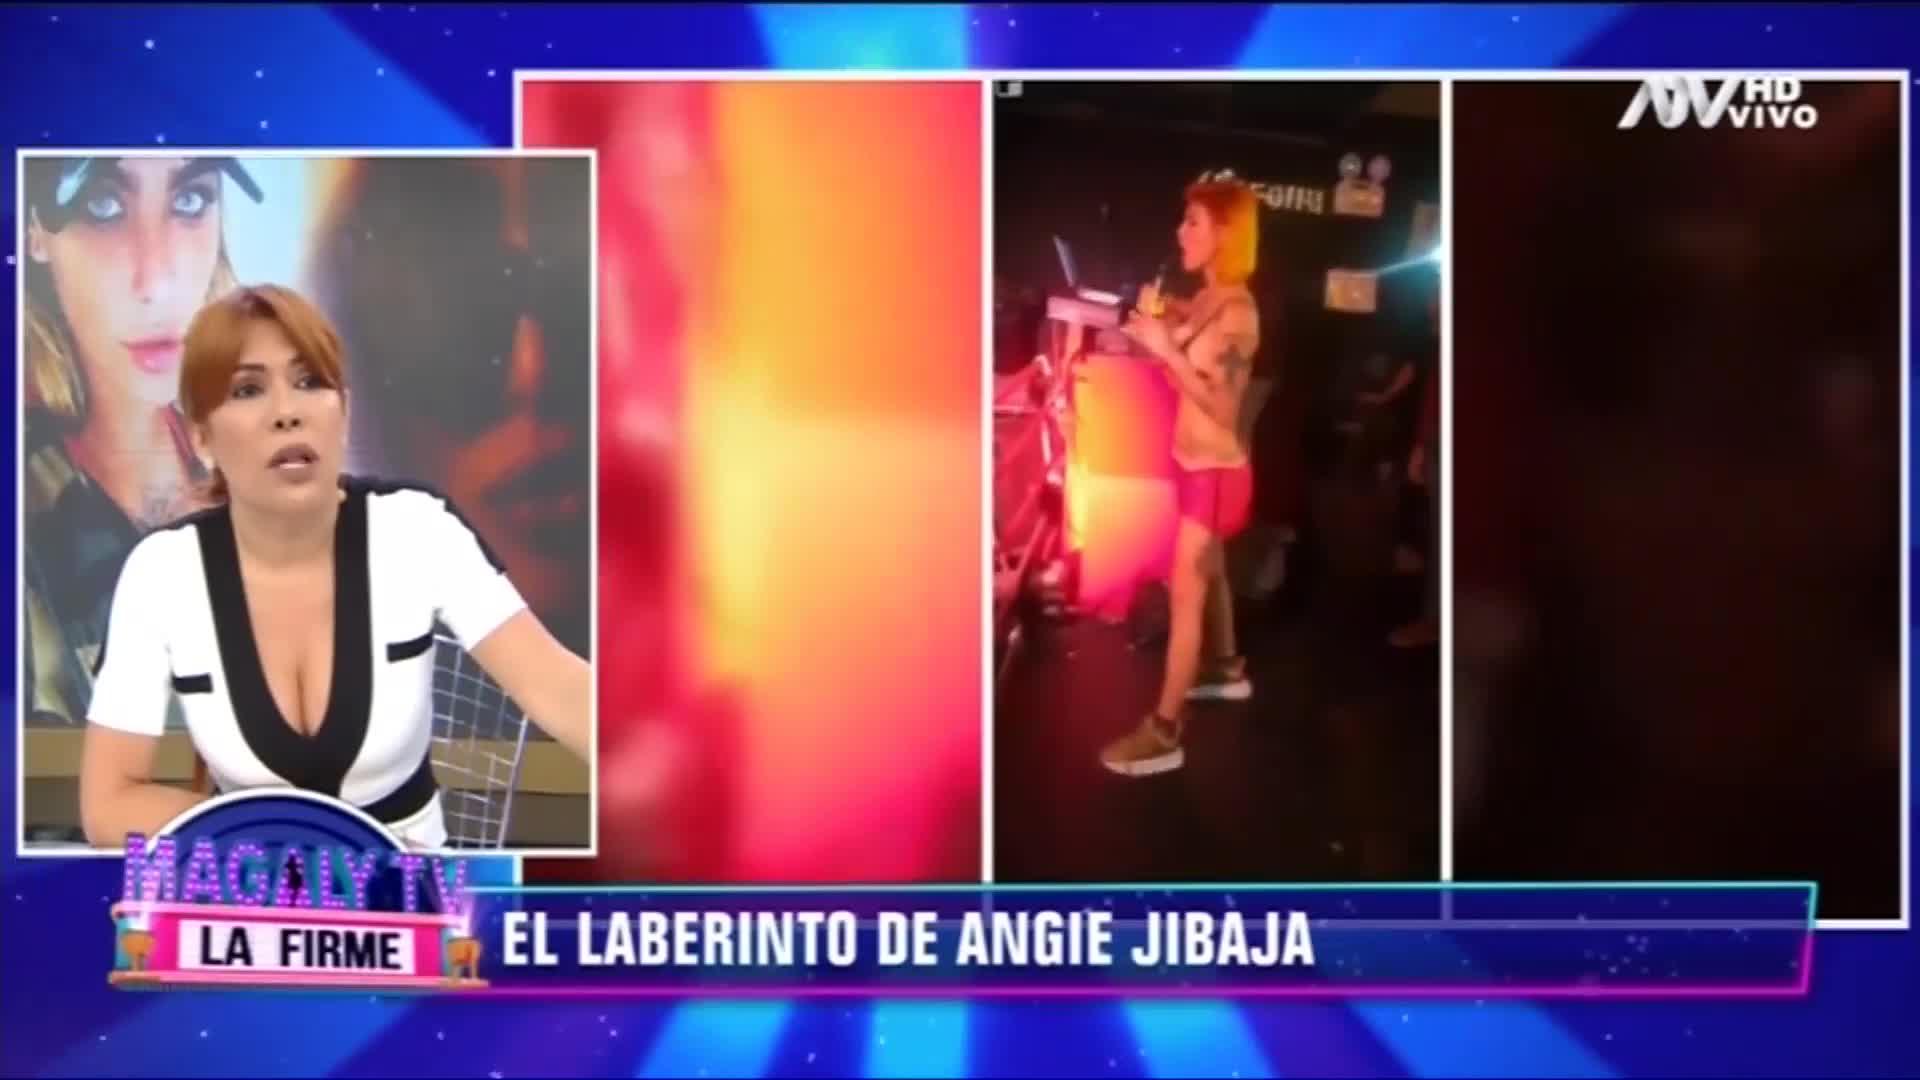 Angie Jibaja la terrible apariencia de angie jibaja.